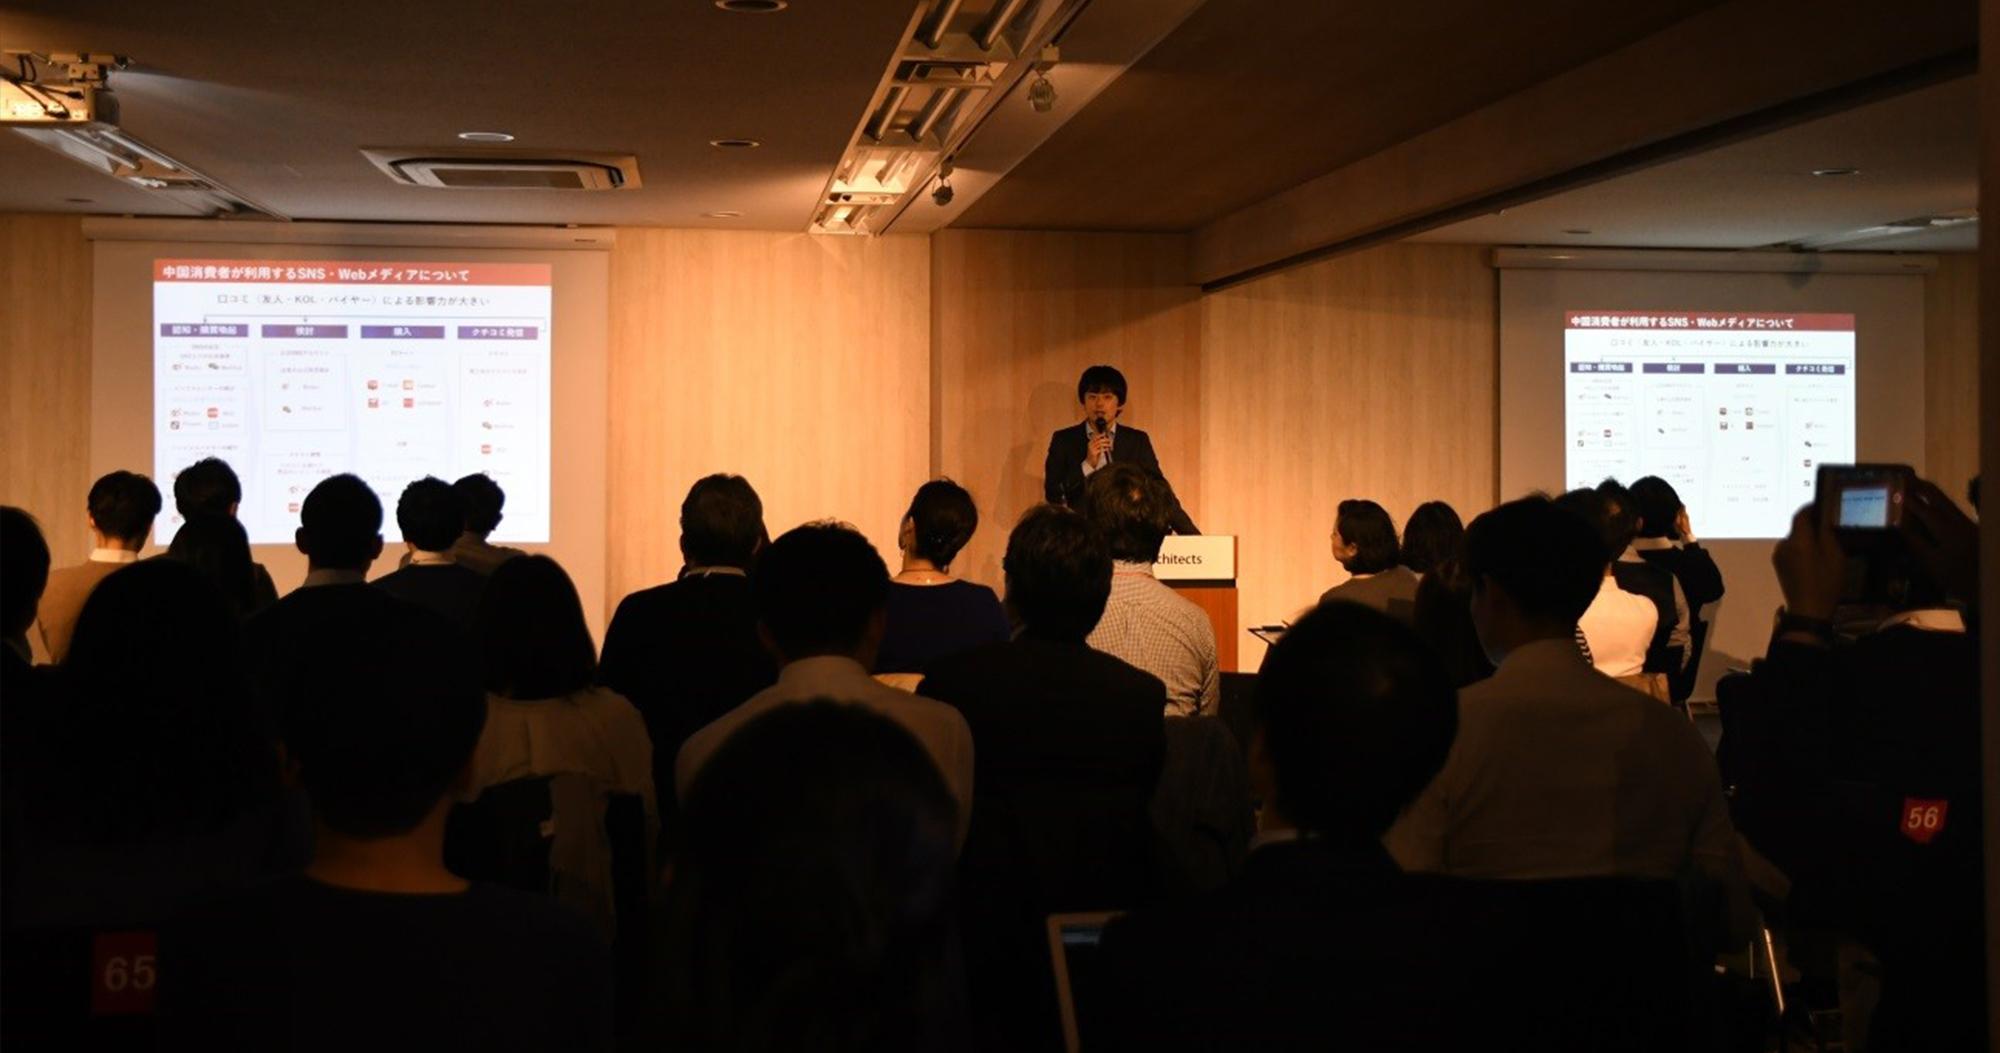 「中国EC最大手アリババ「独身の日」最新データ&トレンド事例から学ぶ越境EC必勝法と今からやるべき2020年W11売上アップ術」レポート 第三回「2019年W11最新プロモーション事例の解説と今から始める2020年W11に向けた必勝ロードマップ」